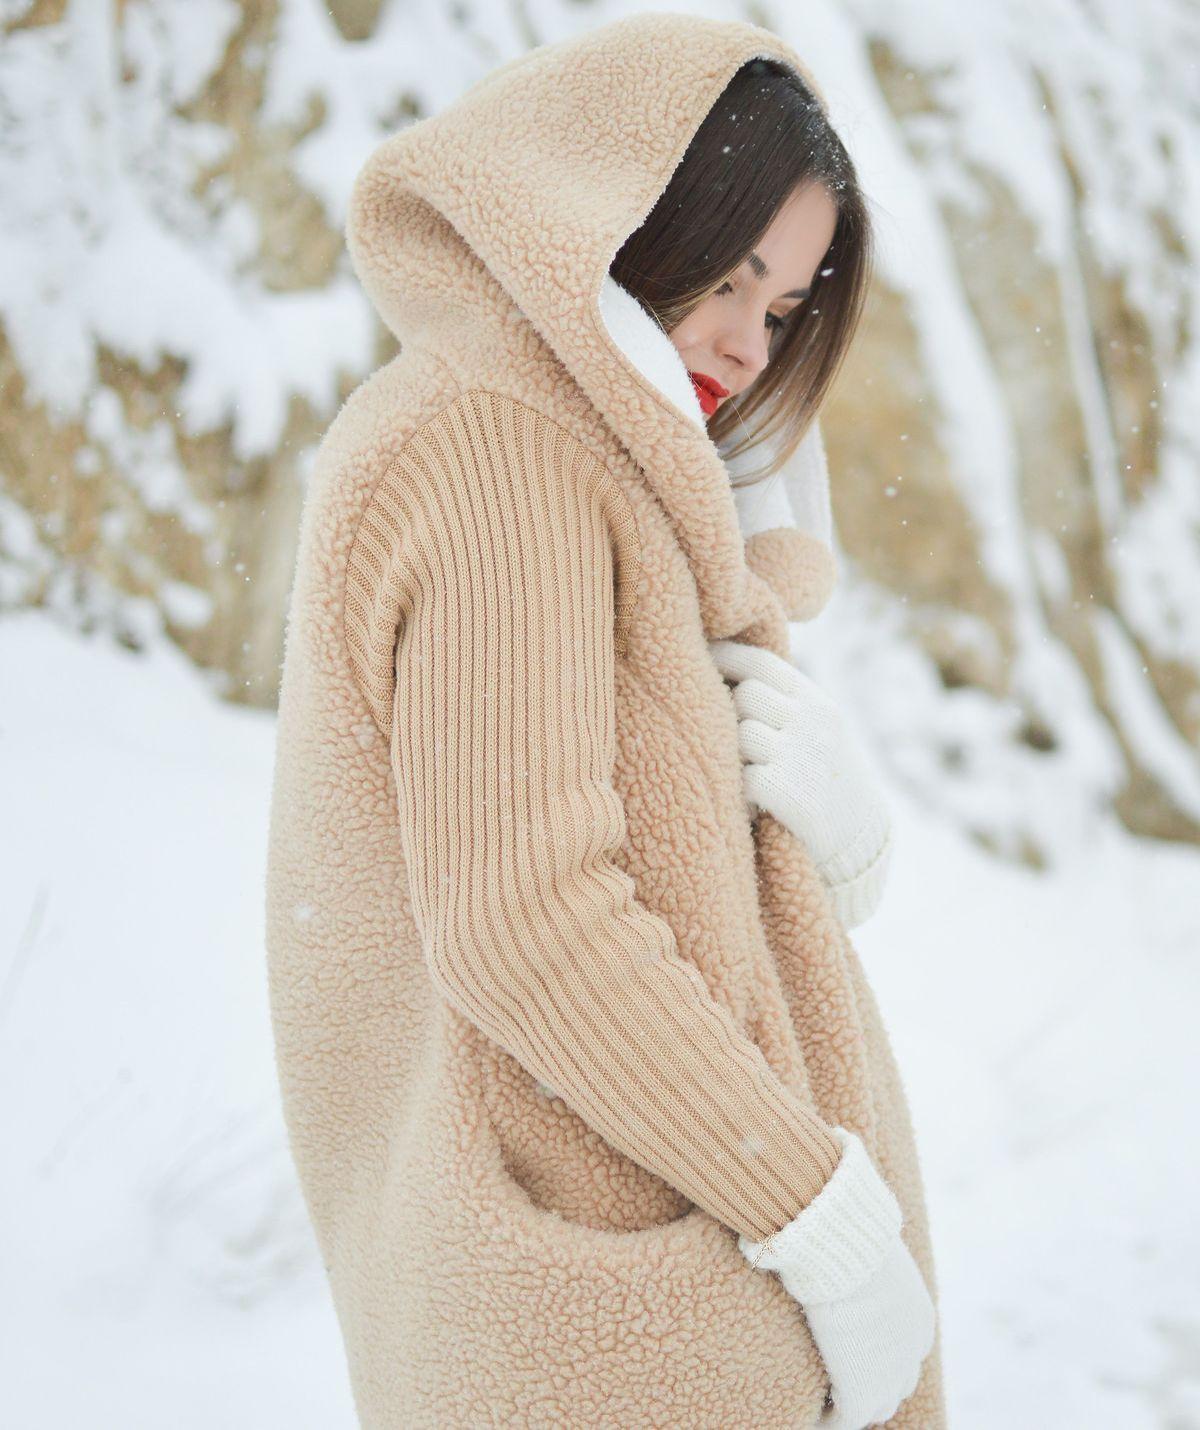 Tipps für die Kälte - gut gekleidet durch den Winter